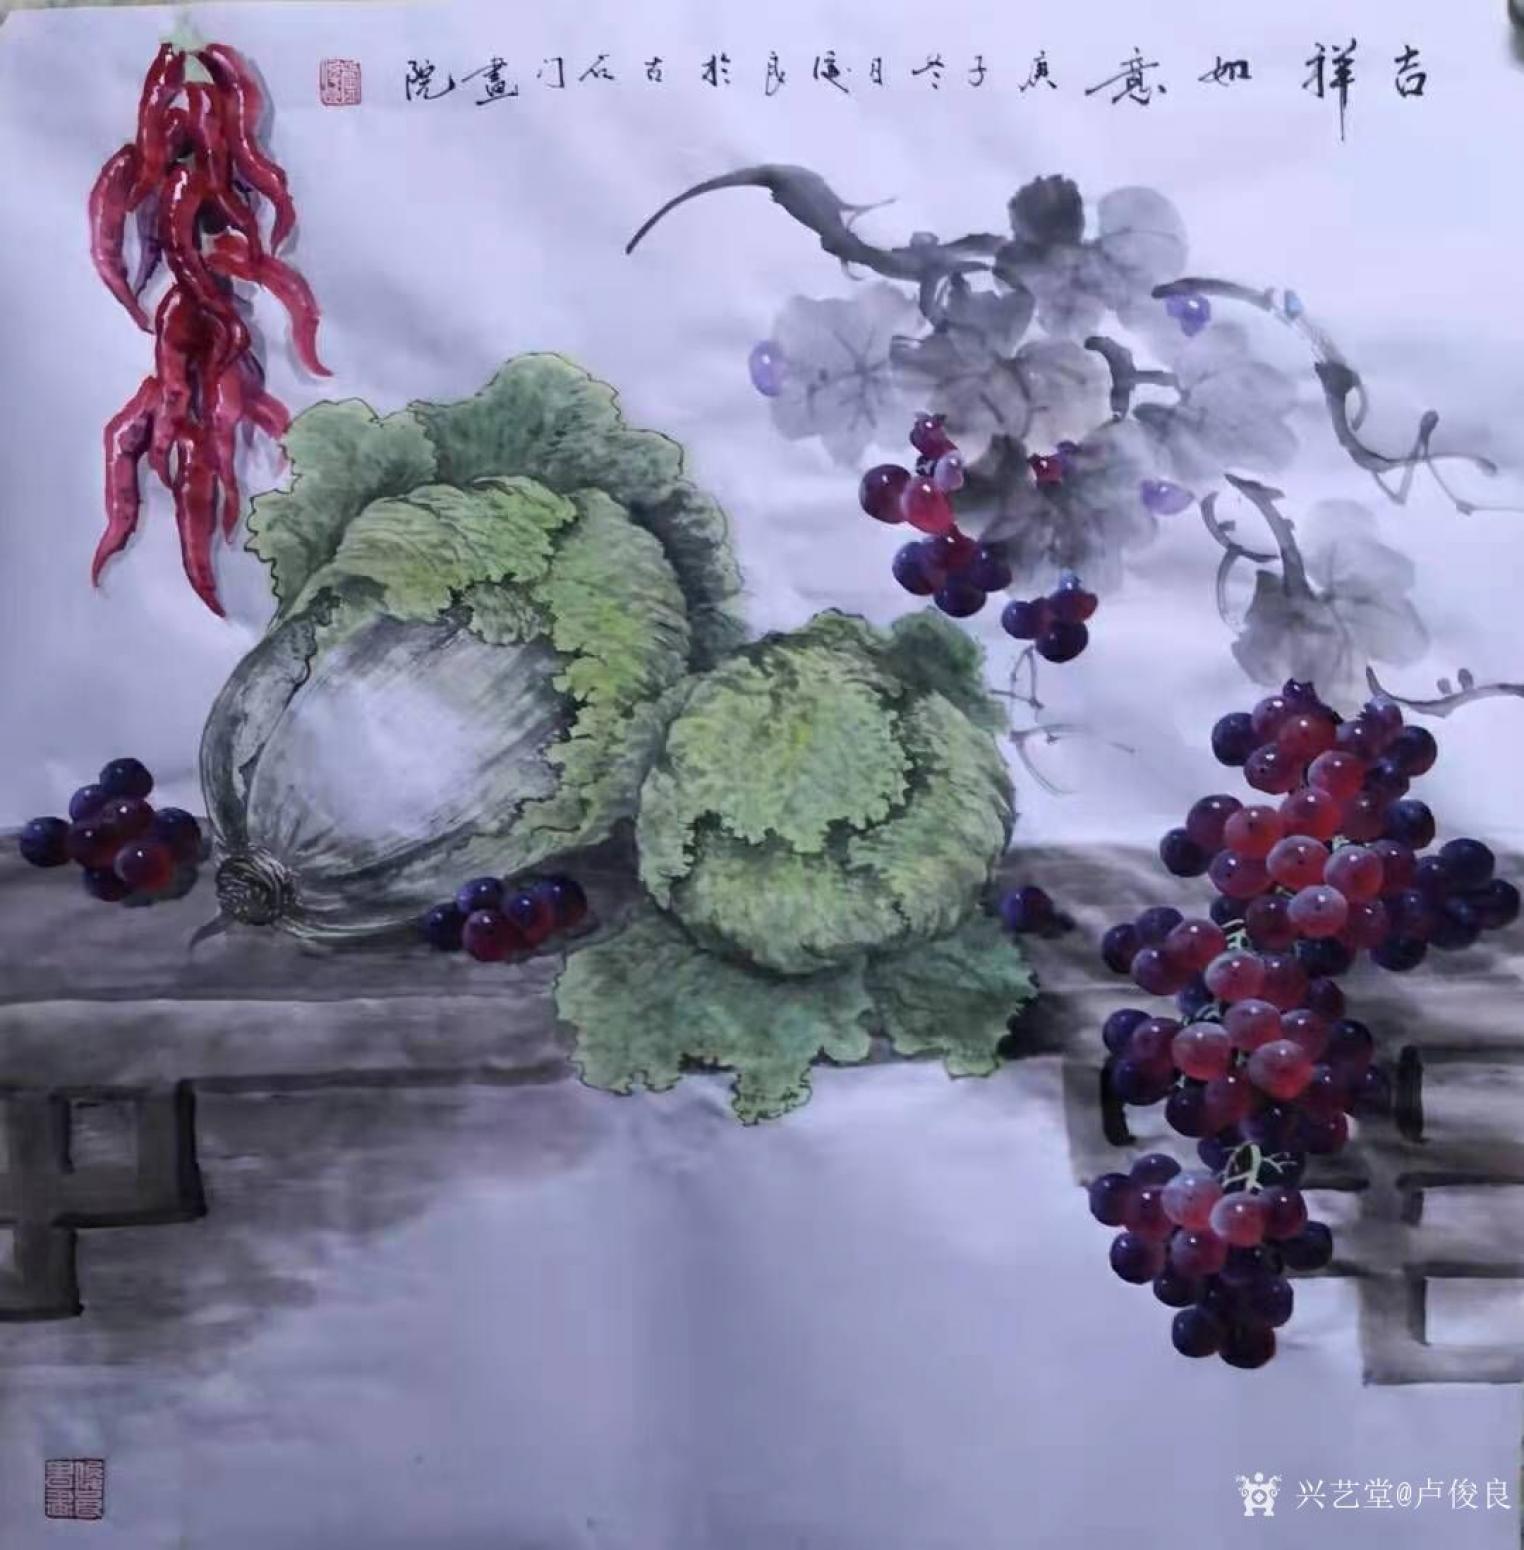 卢俊良国画作品《白菜葡萄-吉祥如意》【图0】